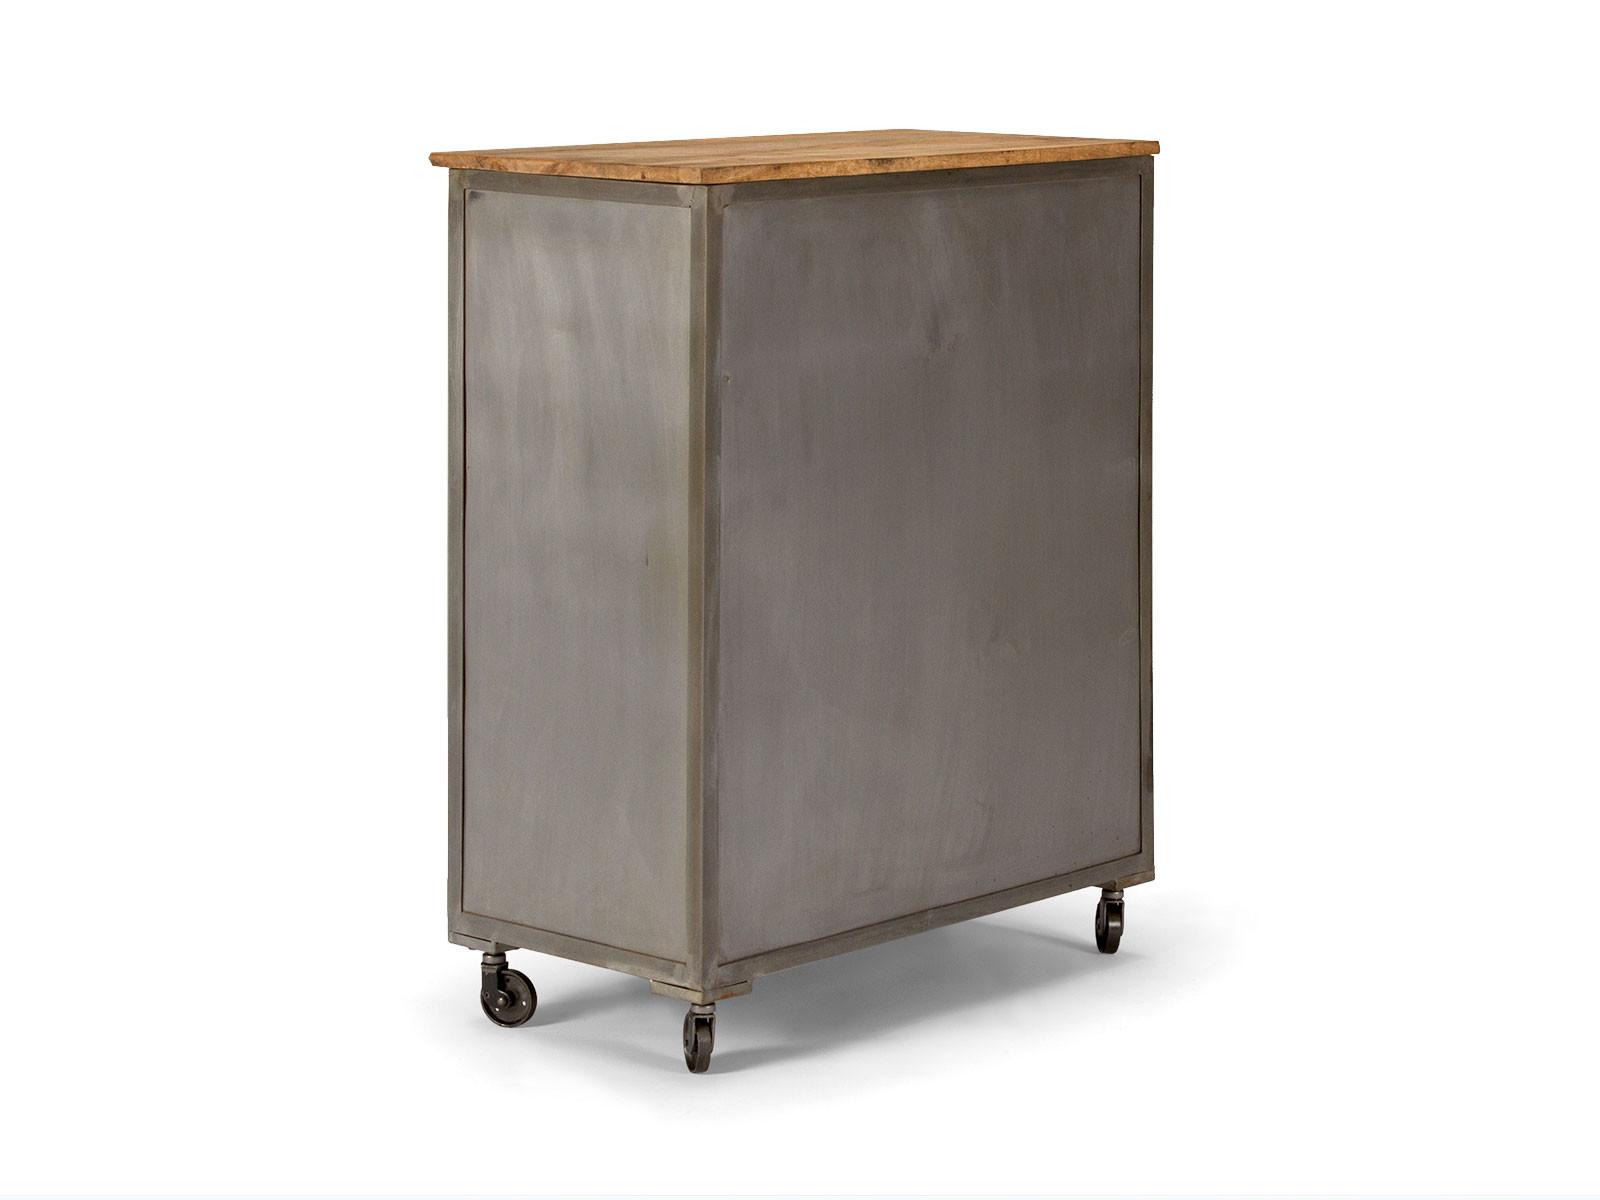 massivholz kommode mit schubladen und rollen versandkostenfreie m bel online. Black Bedroom Furniture Sets. Home Design Ideas